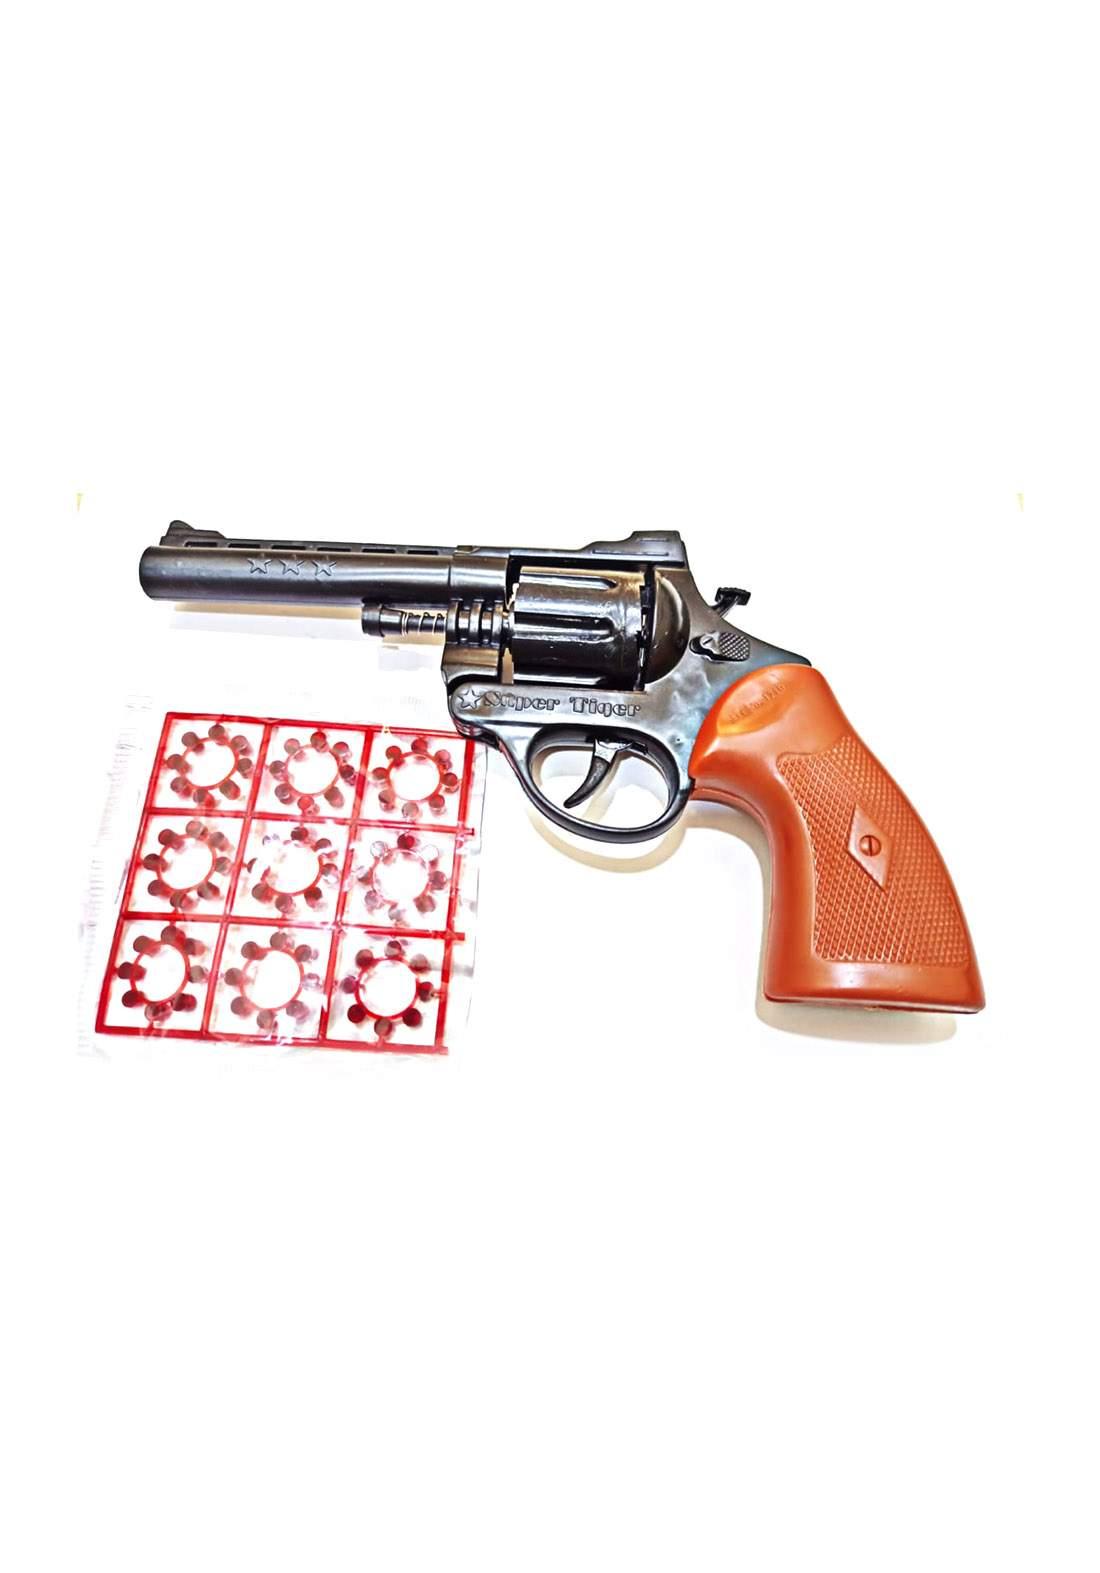 Firecracker Toy Gun for Kids لعبة للأطفال